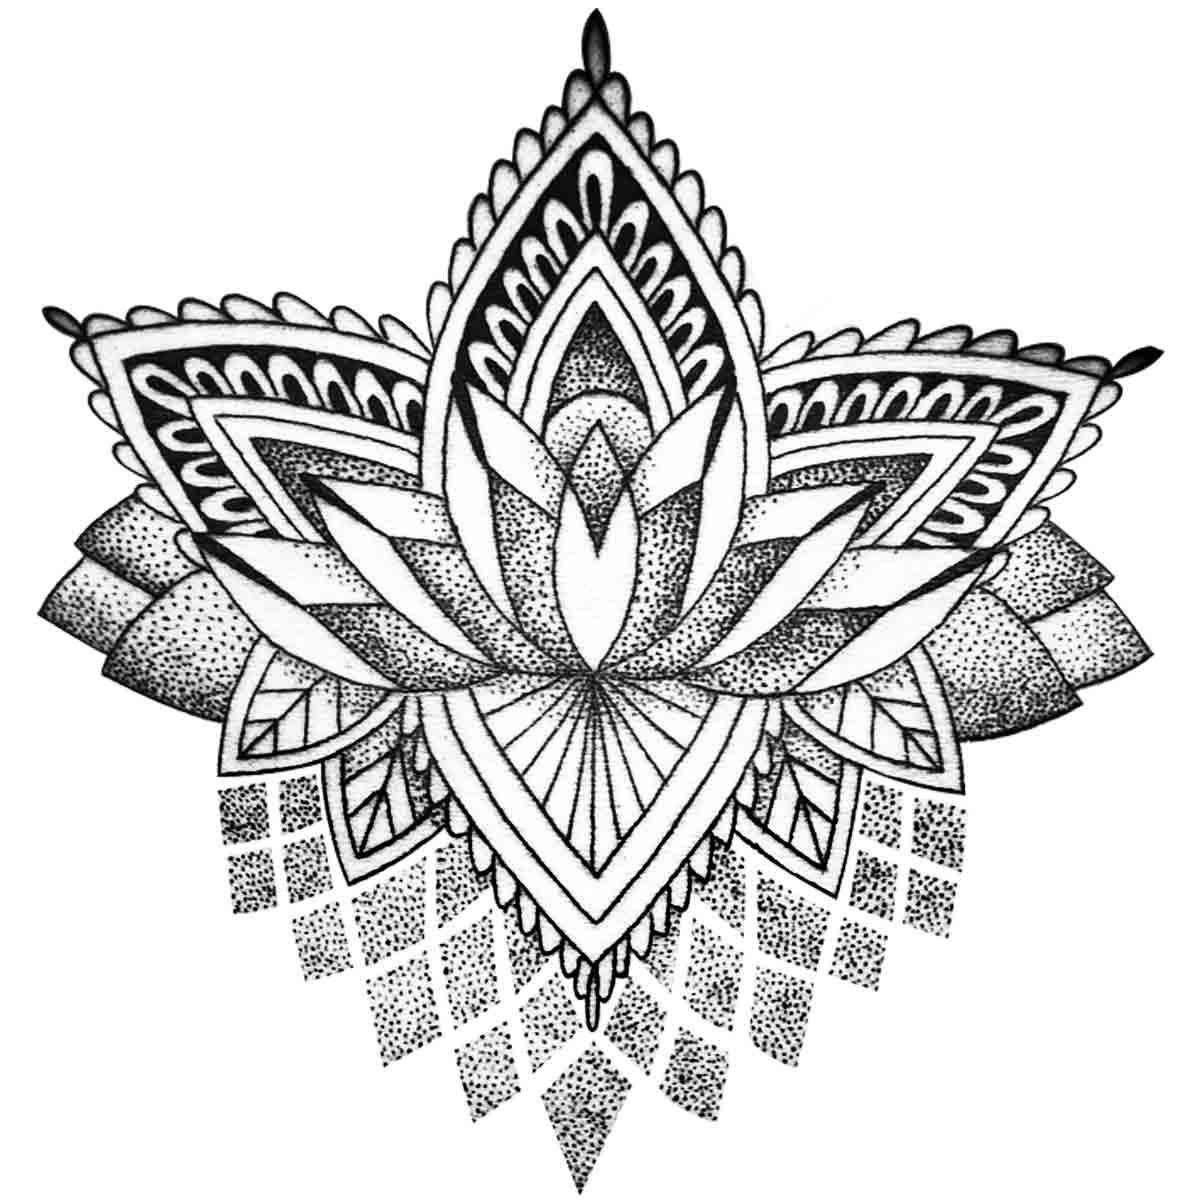 Tatoo temporaires sur le thème des Mandala - Ouistiti shirt